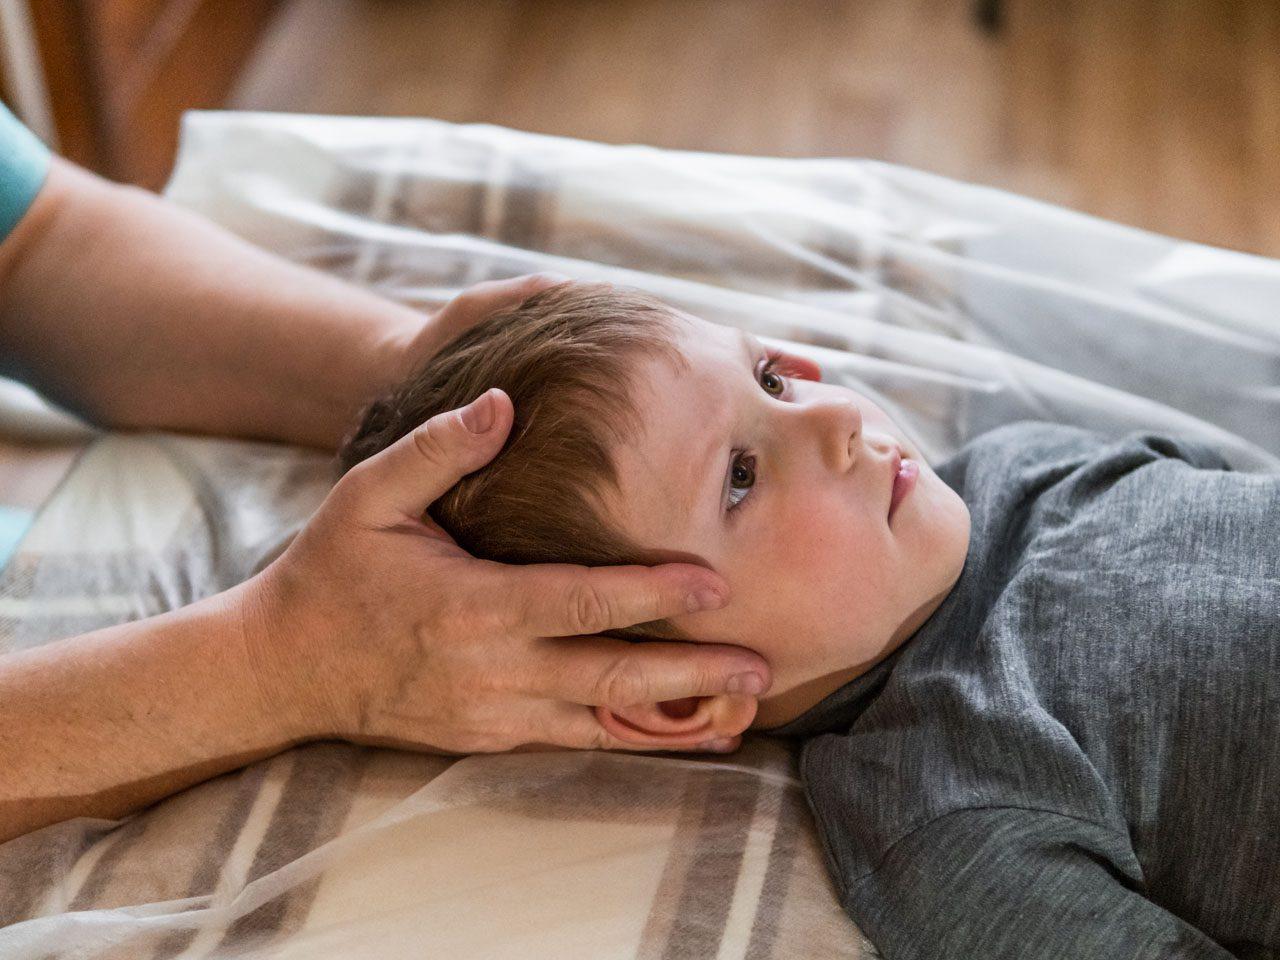 11860 Vista del Sol, Ste. 128 La meningitis espinal puede afectar la columna vertebral: qué saber